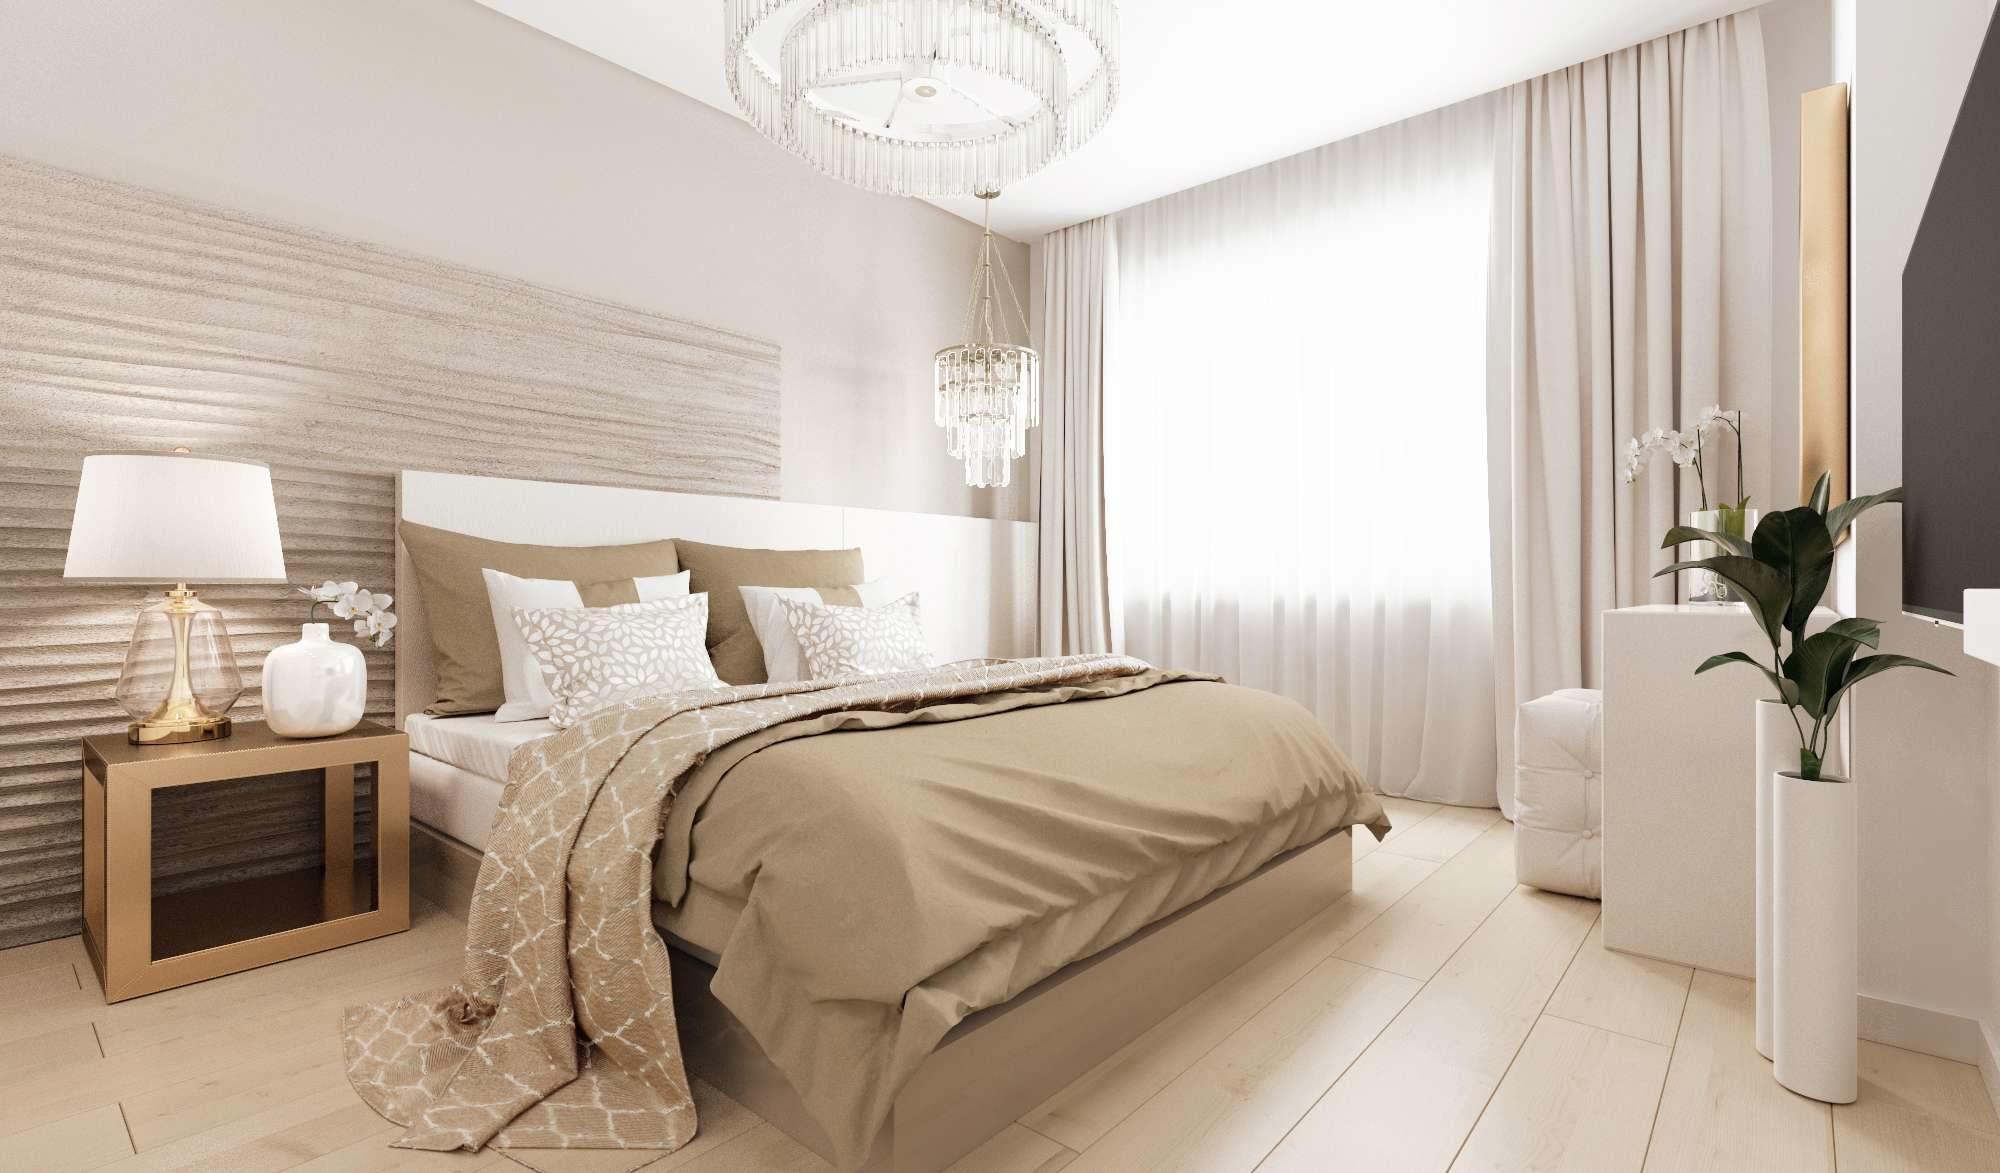 Спальня в светлых тонах в тренде осенью 2019 года